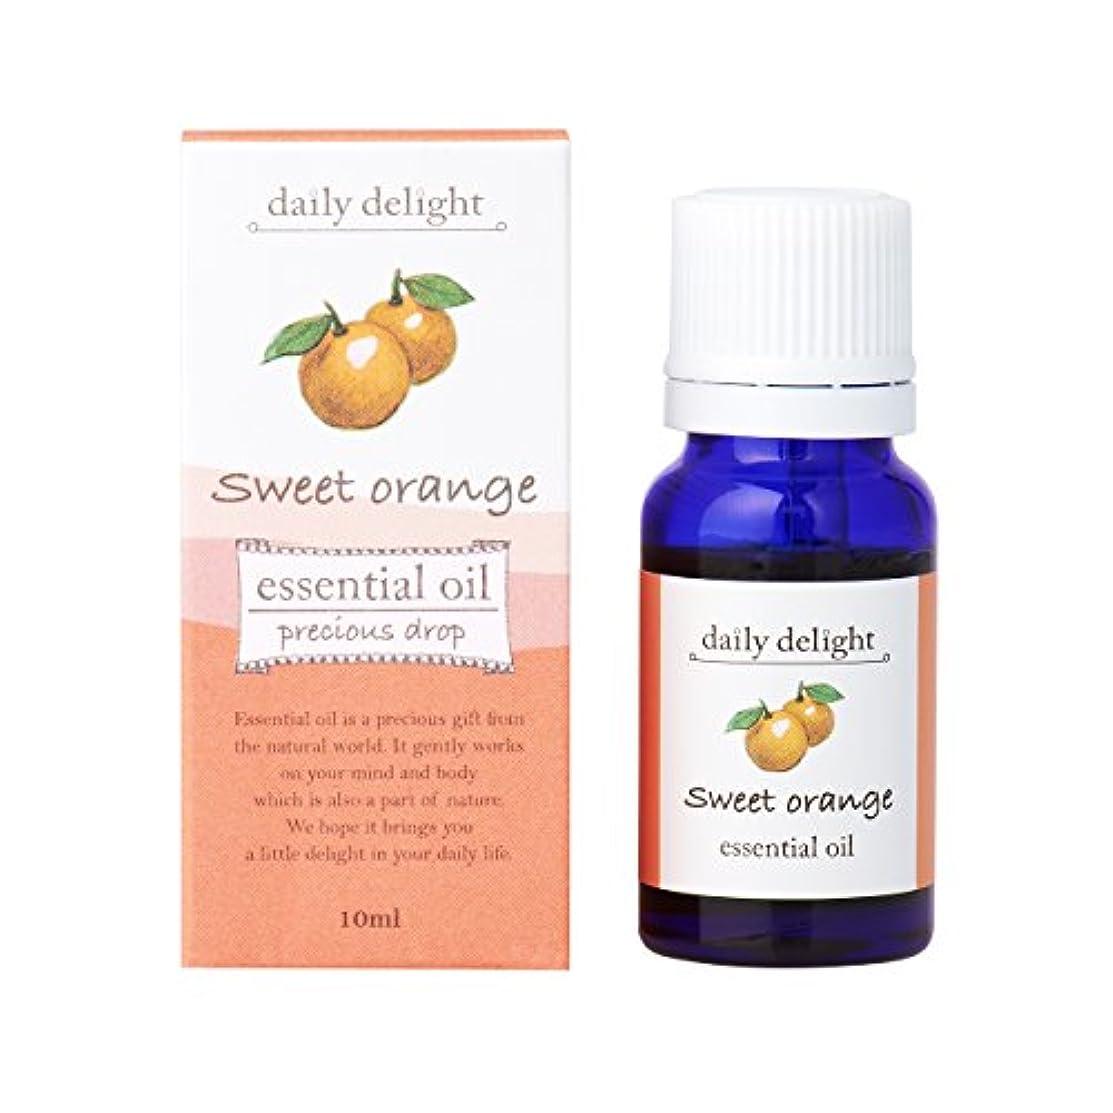 盲信バングスペイン語デイリーディライト エッセンシャルオイル  スイートオレンジ 10ml(天然100% 精油 アロマ 柑橘系 フルーティで甘く爽やかな香り)